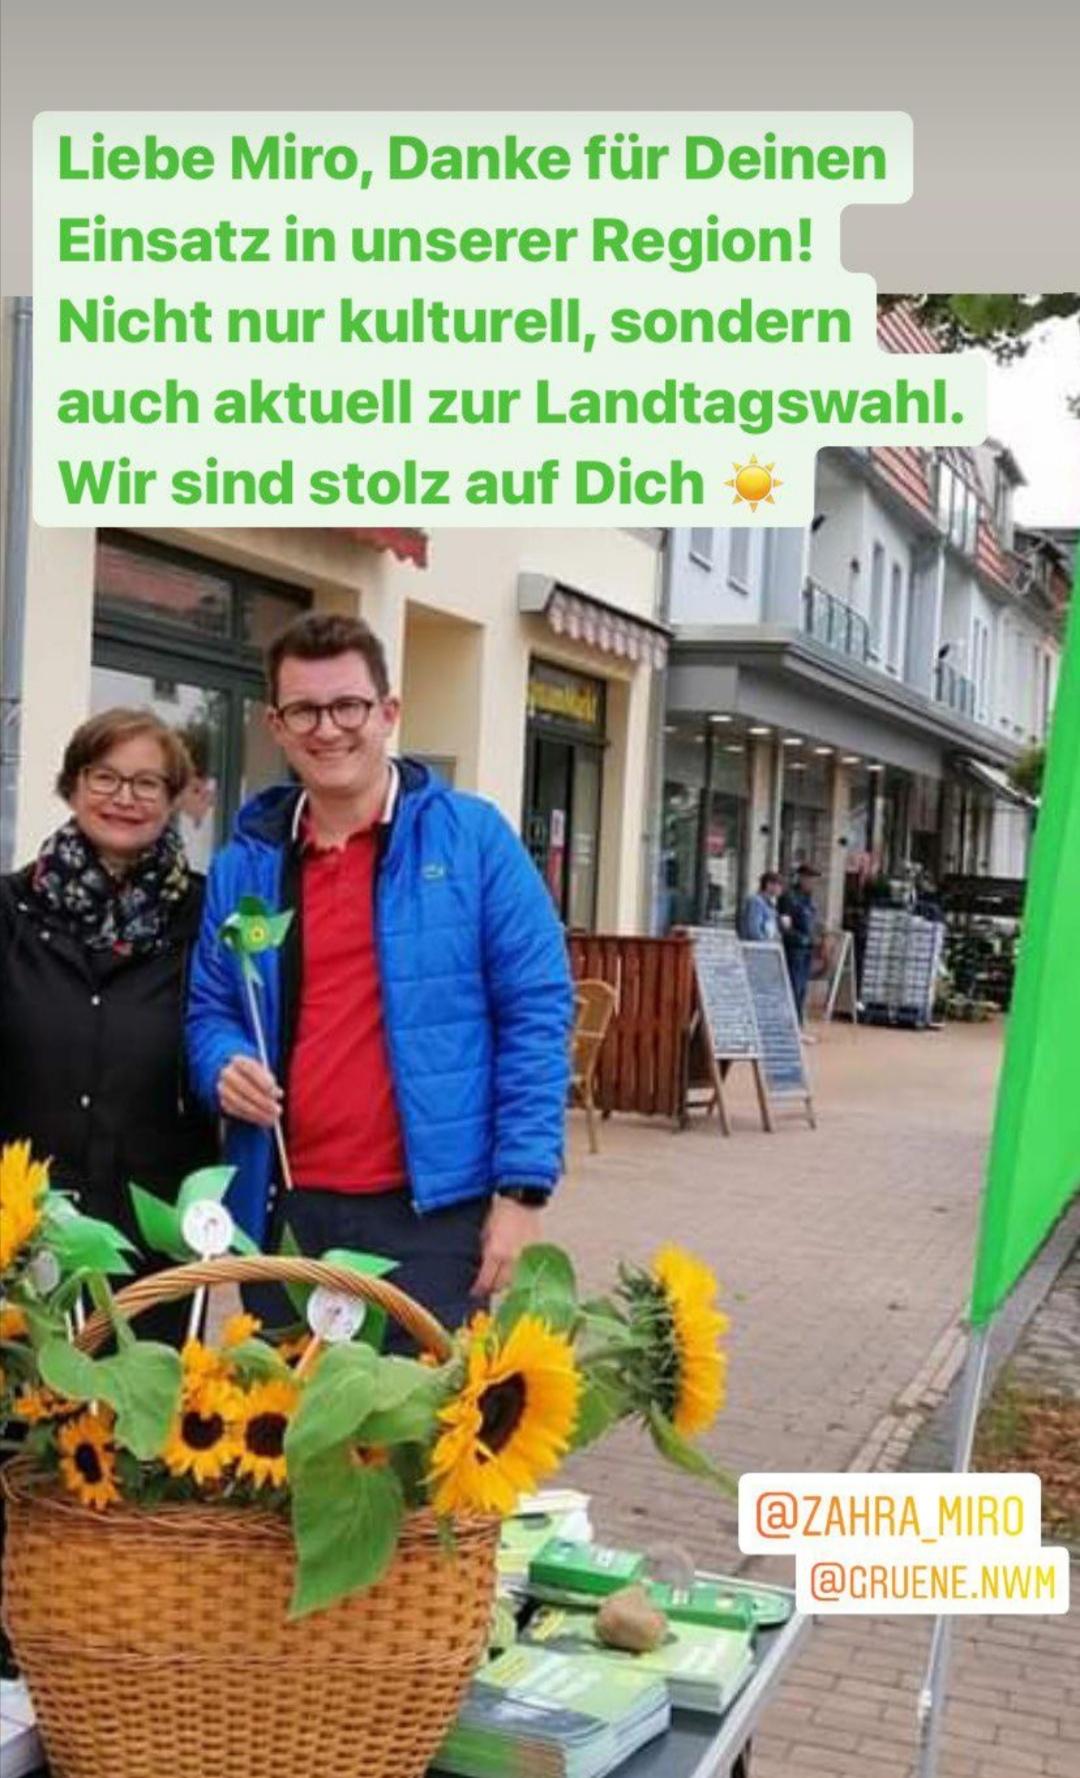 Liebe Miro Zahra, wir sind stolz auf Dich und zudem sehr gespannt auf das heutige Wahlergebnis. Der Landtag braucht uns Grüne!